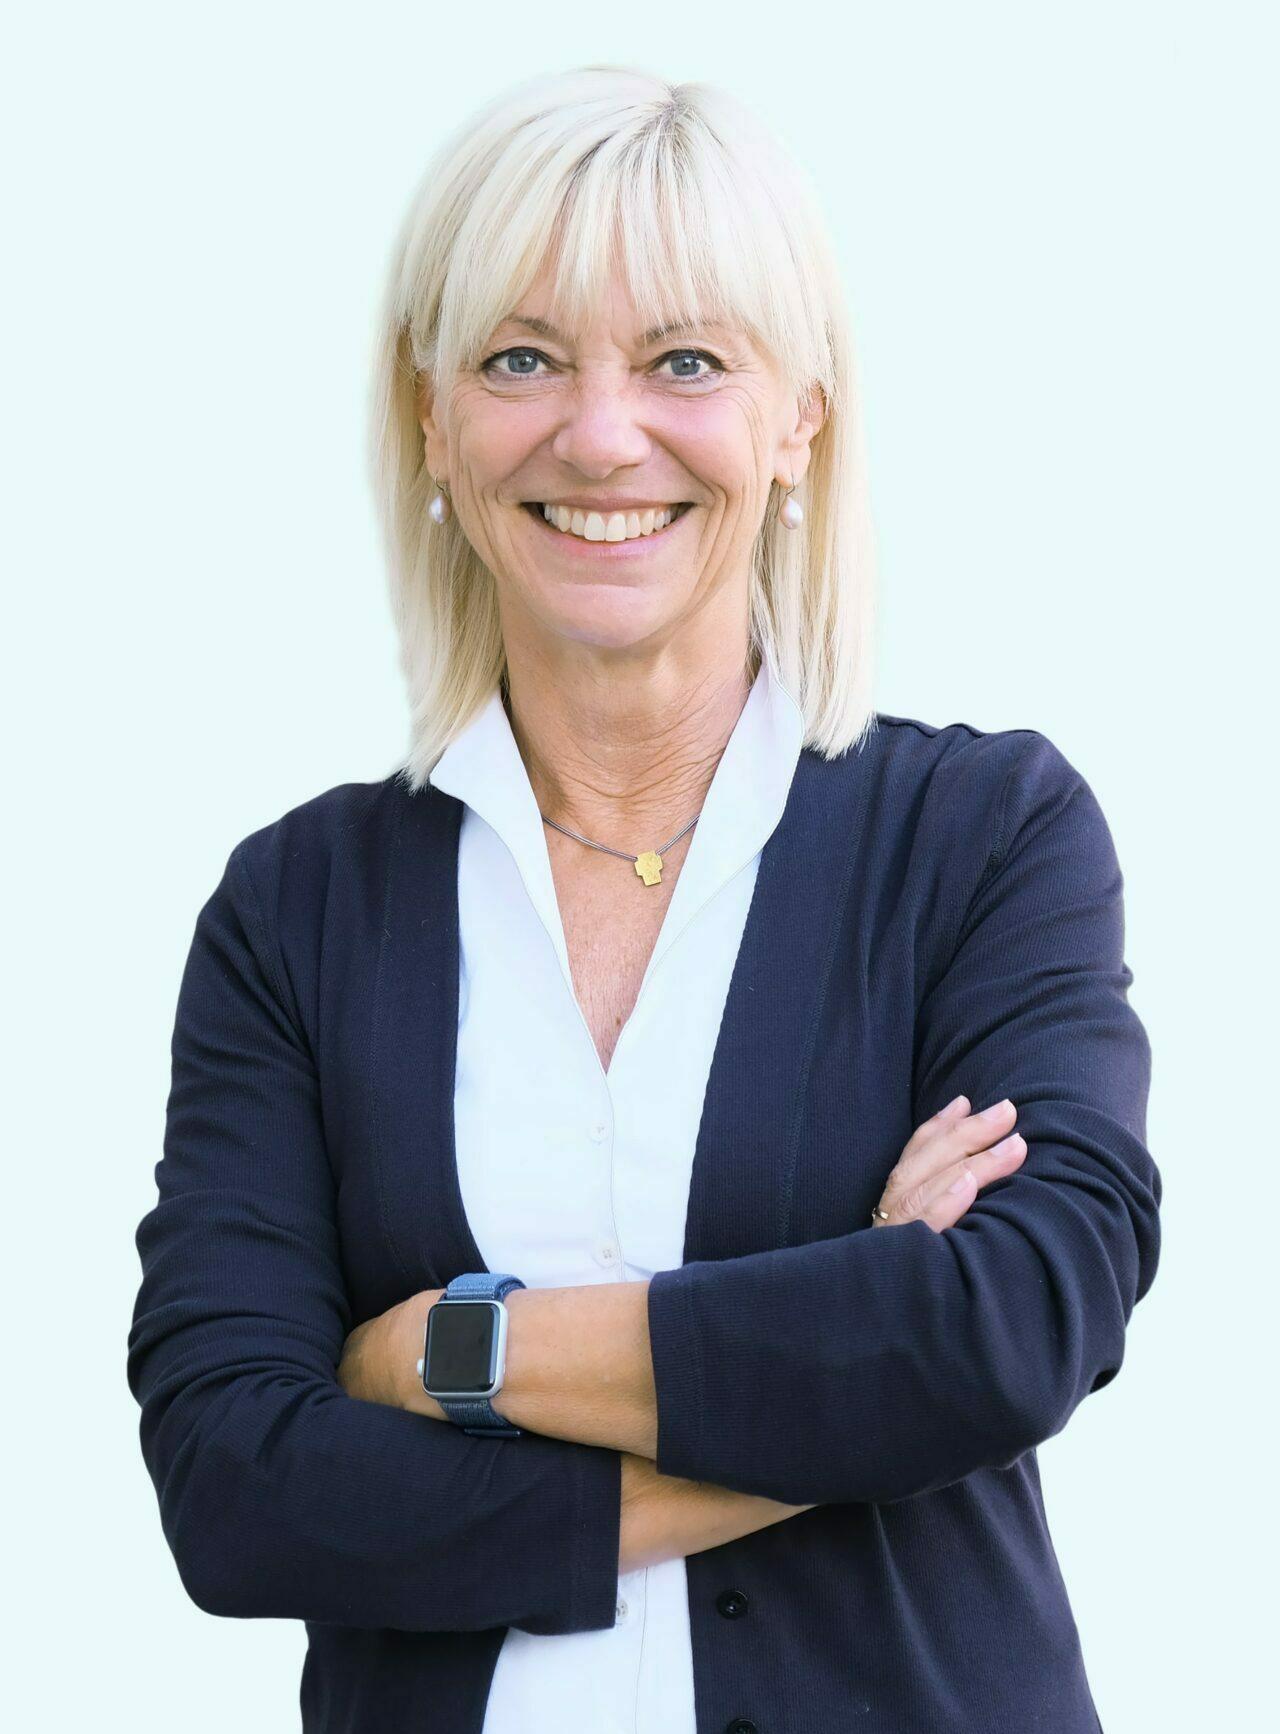 Carolina Trautner - MdL, Bayerische Staatsministerin für Familie, Arbeit und Soziales